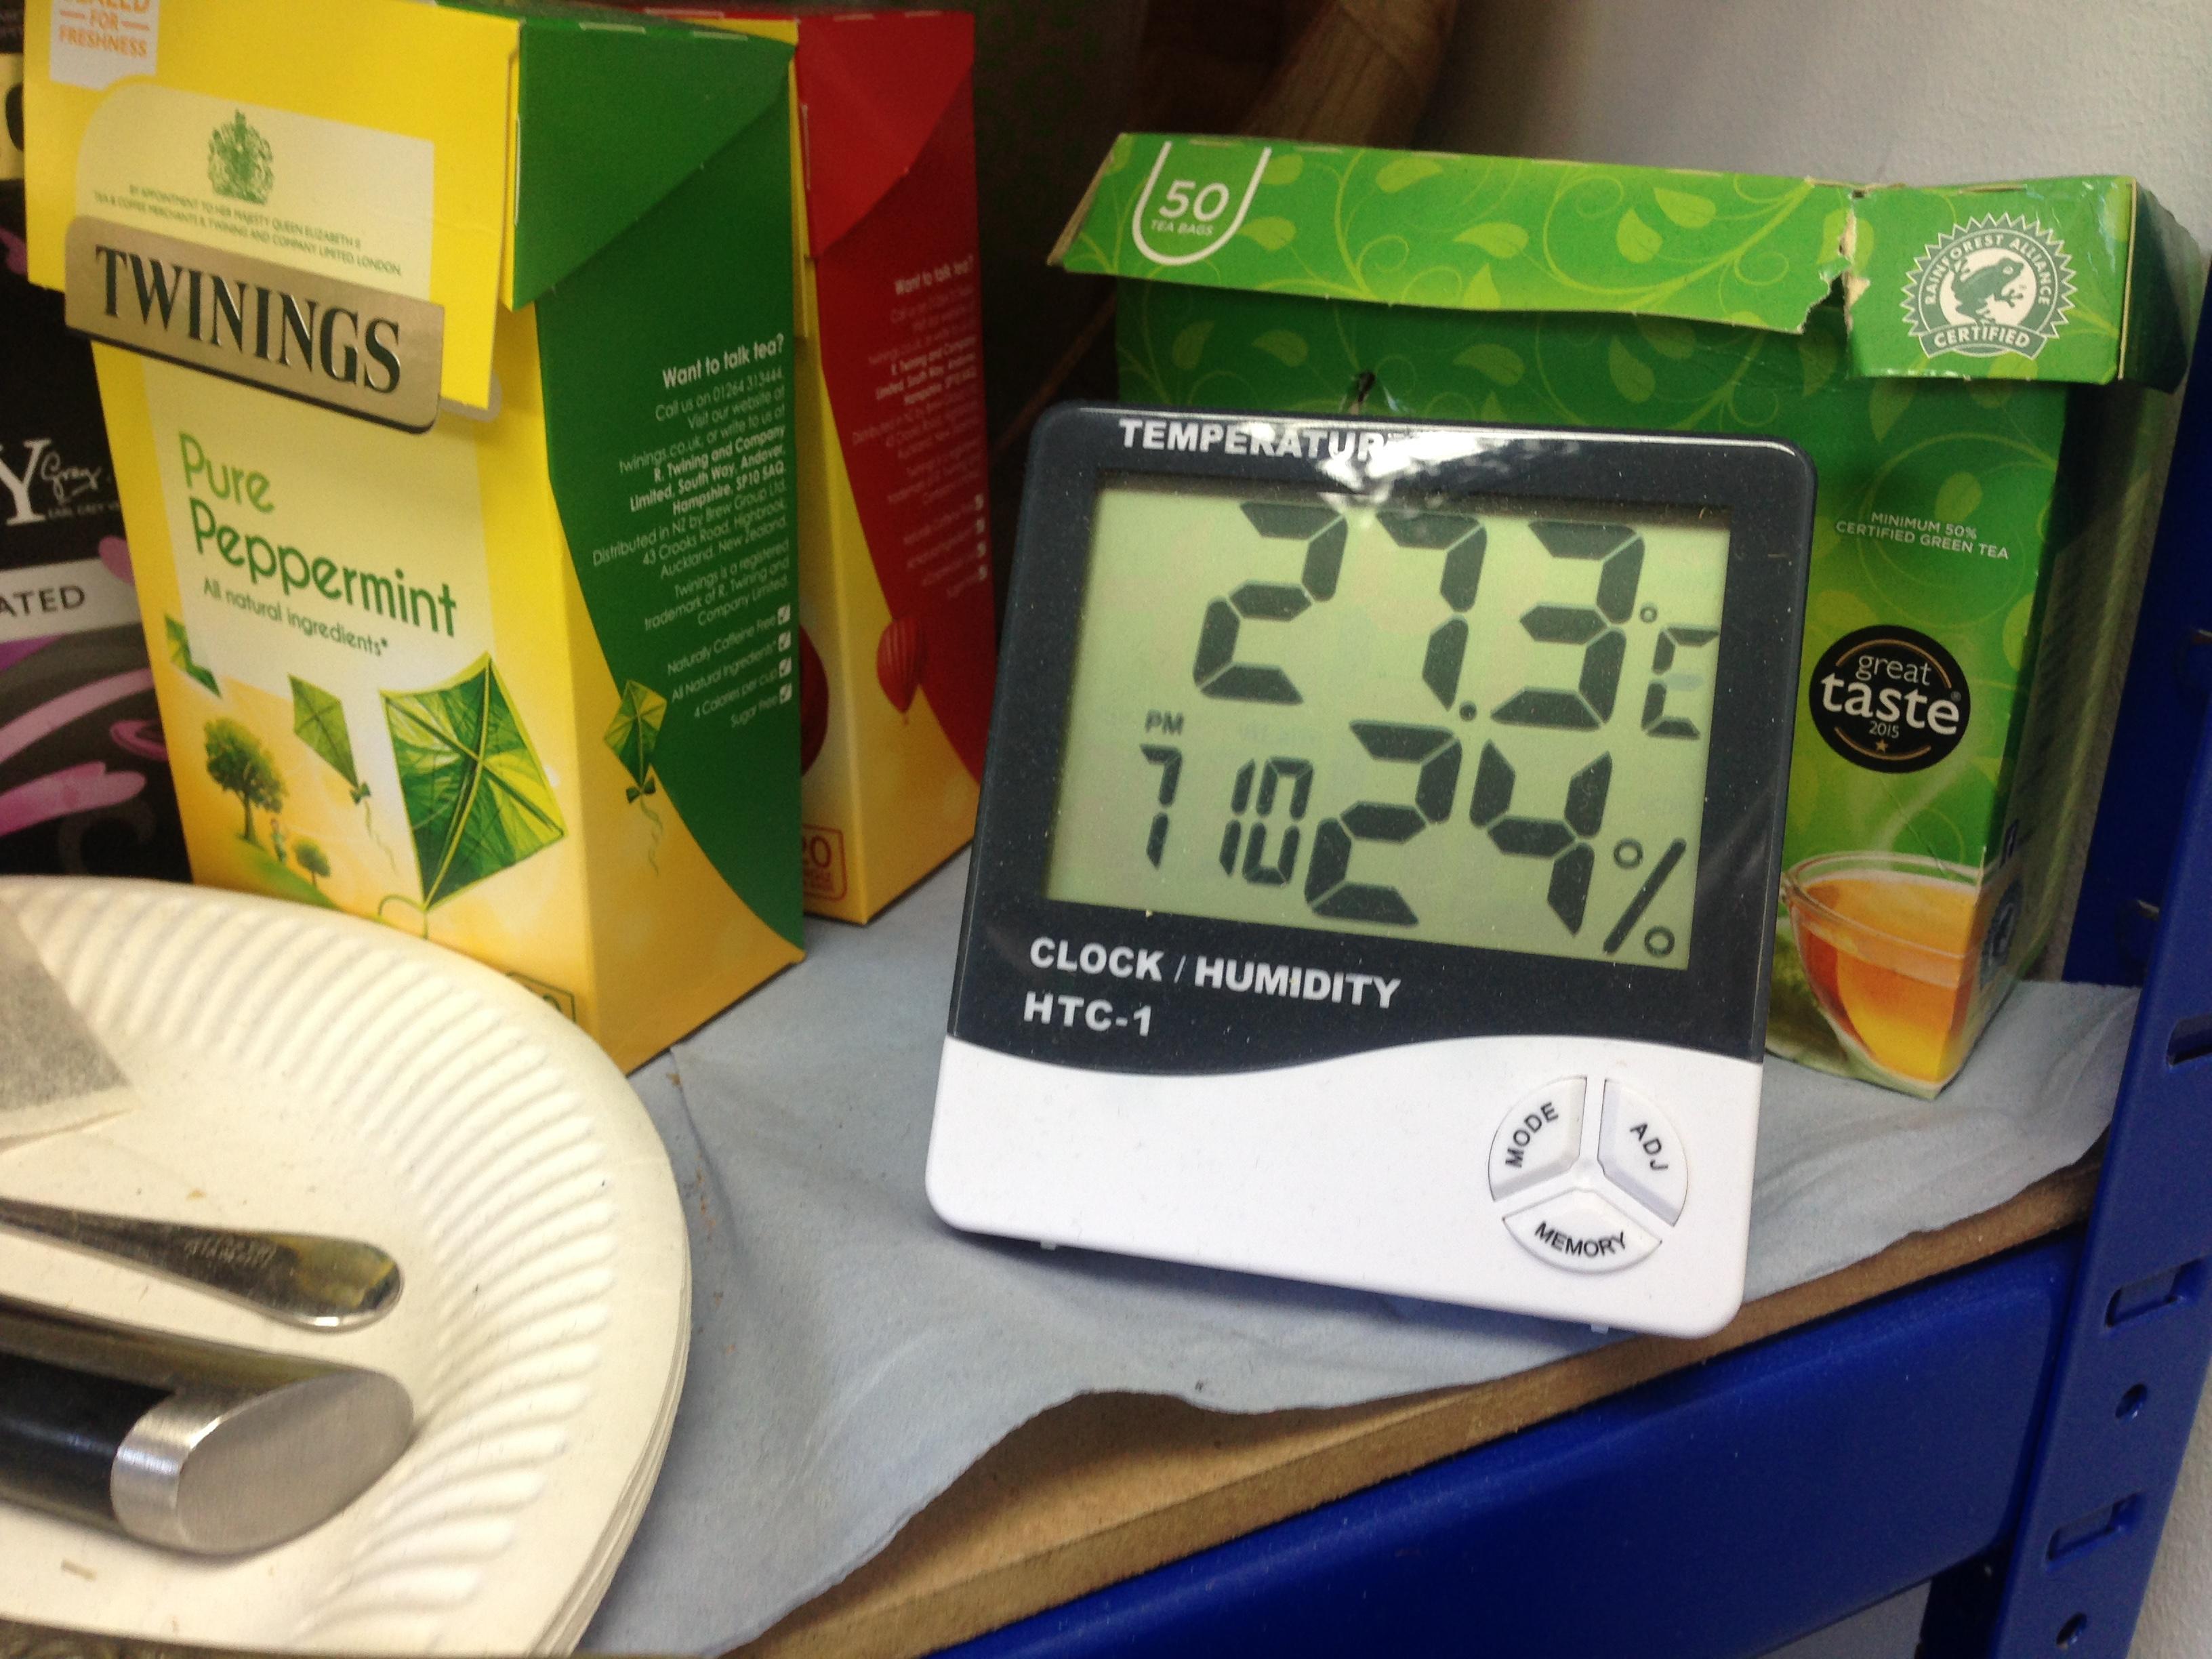 temperatūra normalizēta